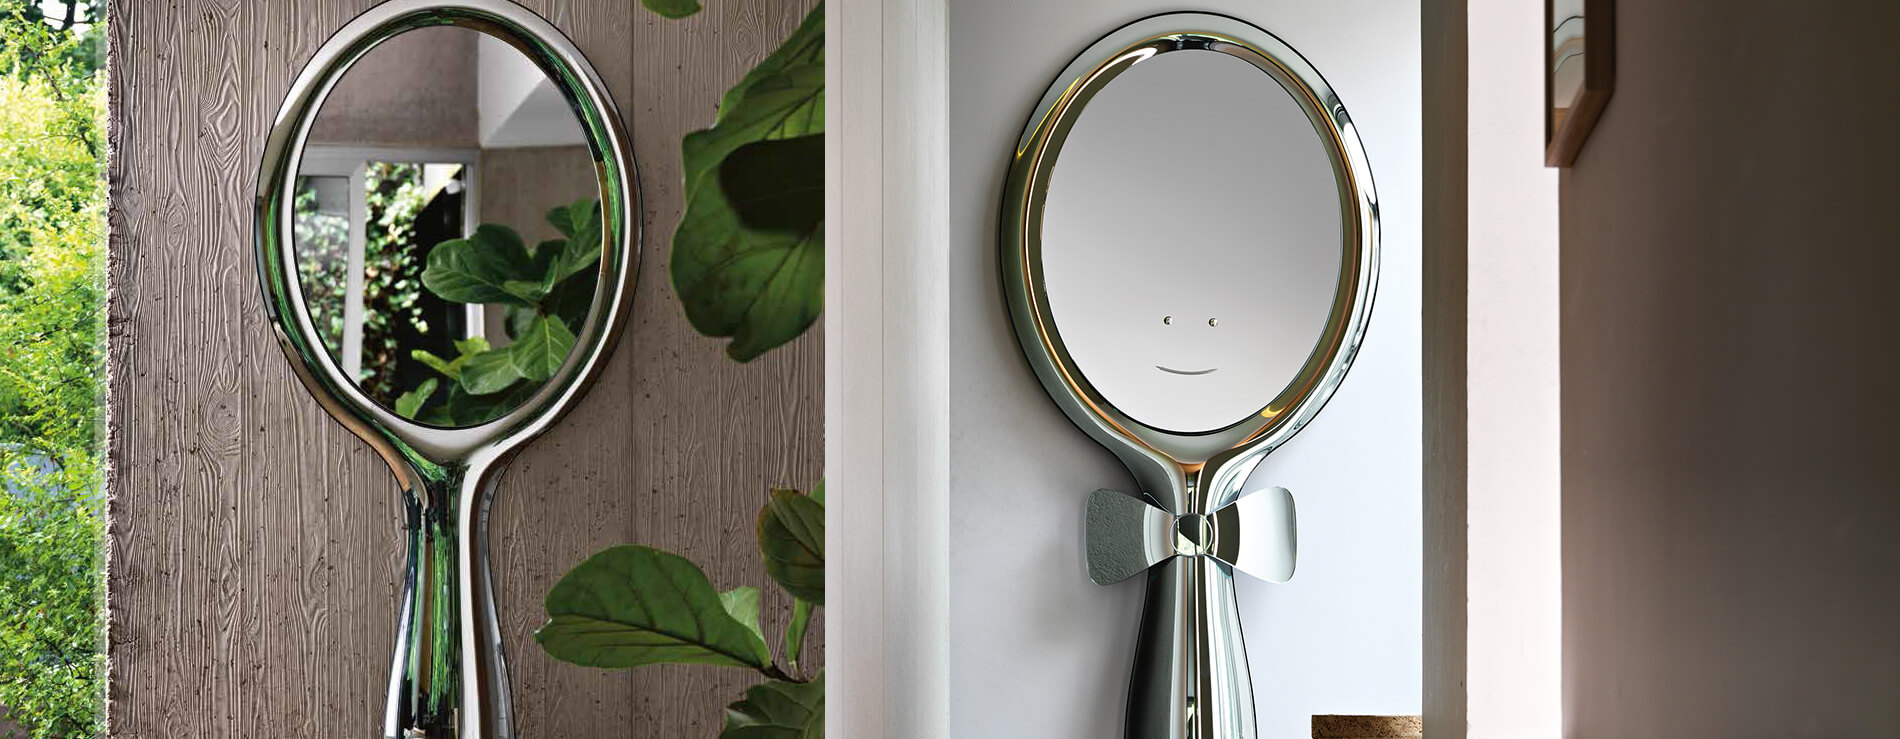 Specchio Lollipop di Fiam